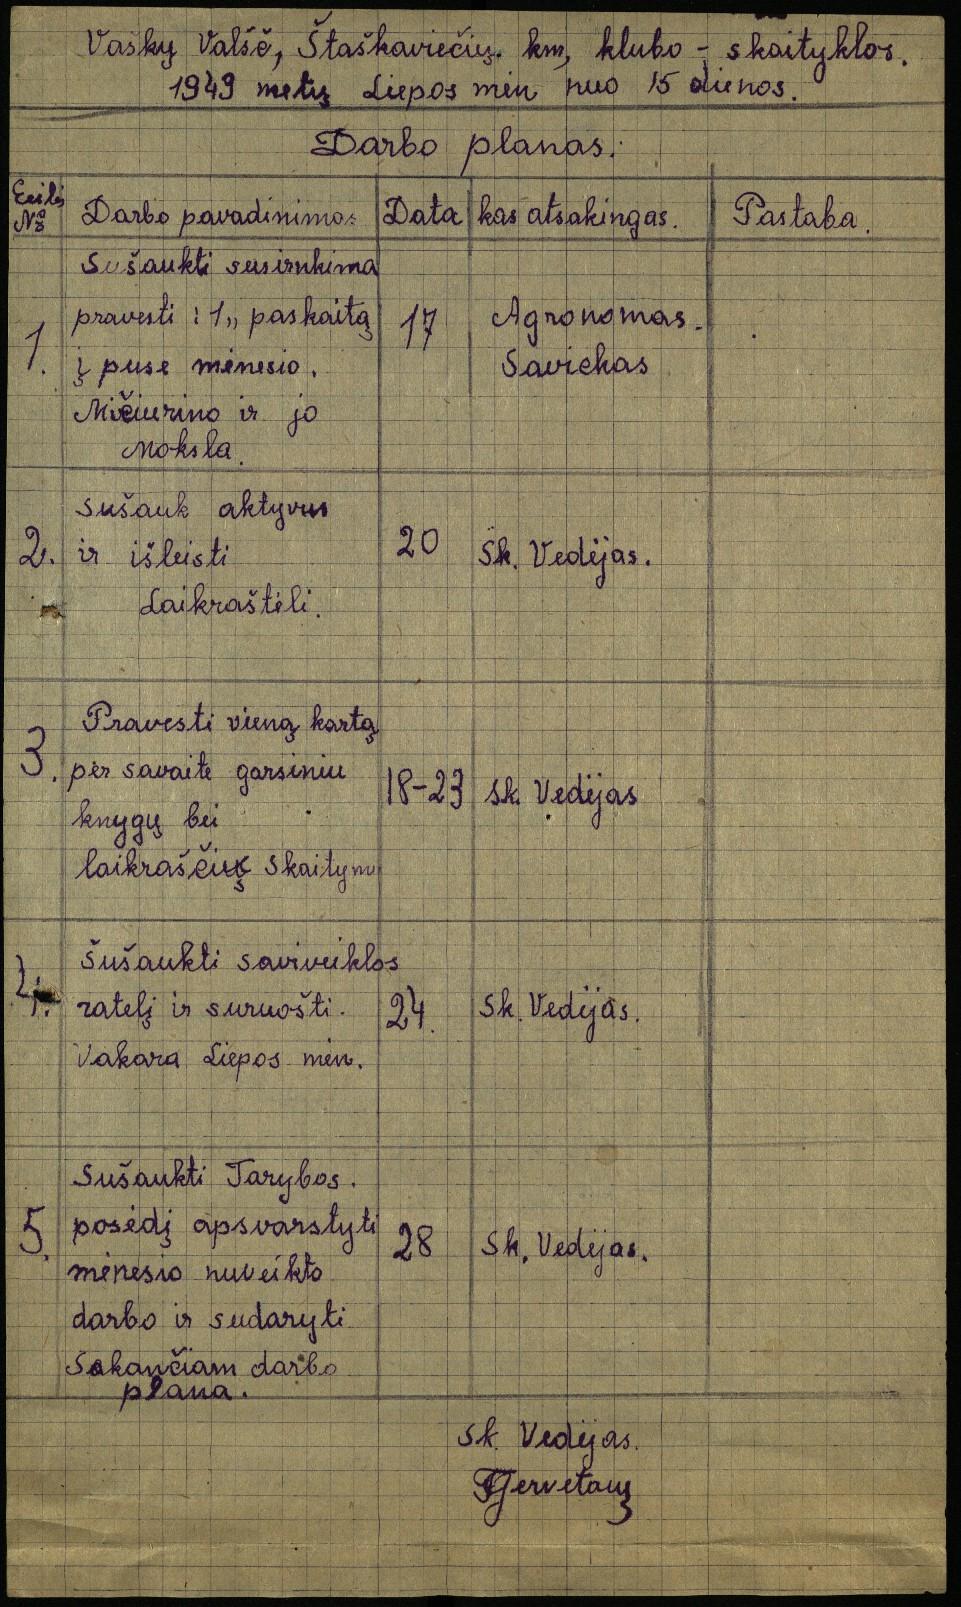 Vaškų vlsč. Staškavičių k. klubo-skaityklos darbo planas, 1949 m. nuo liepos 15 d.